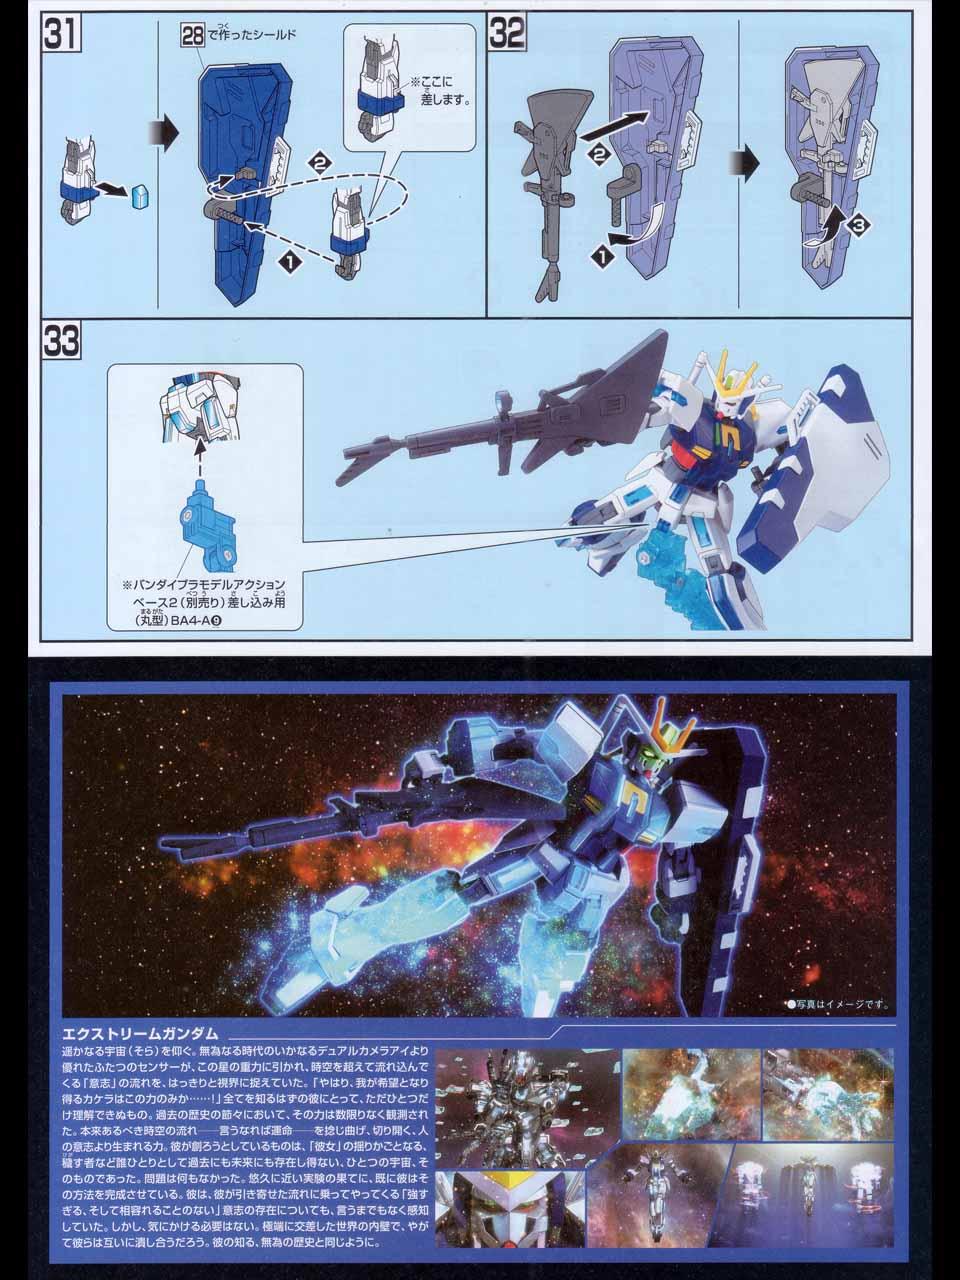 HG_Extreme_gundam_38.jpg